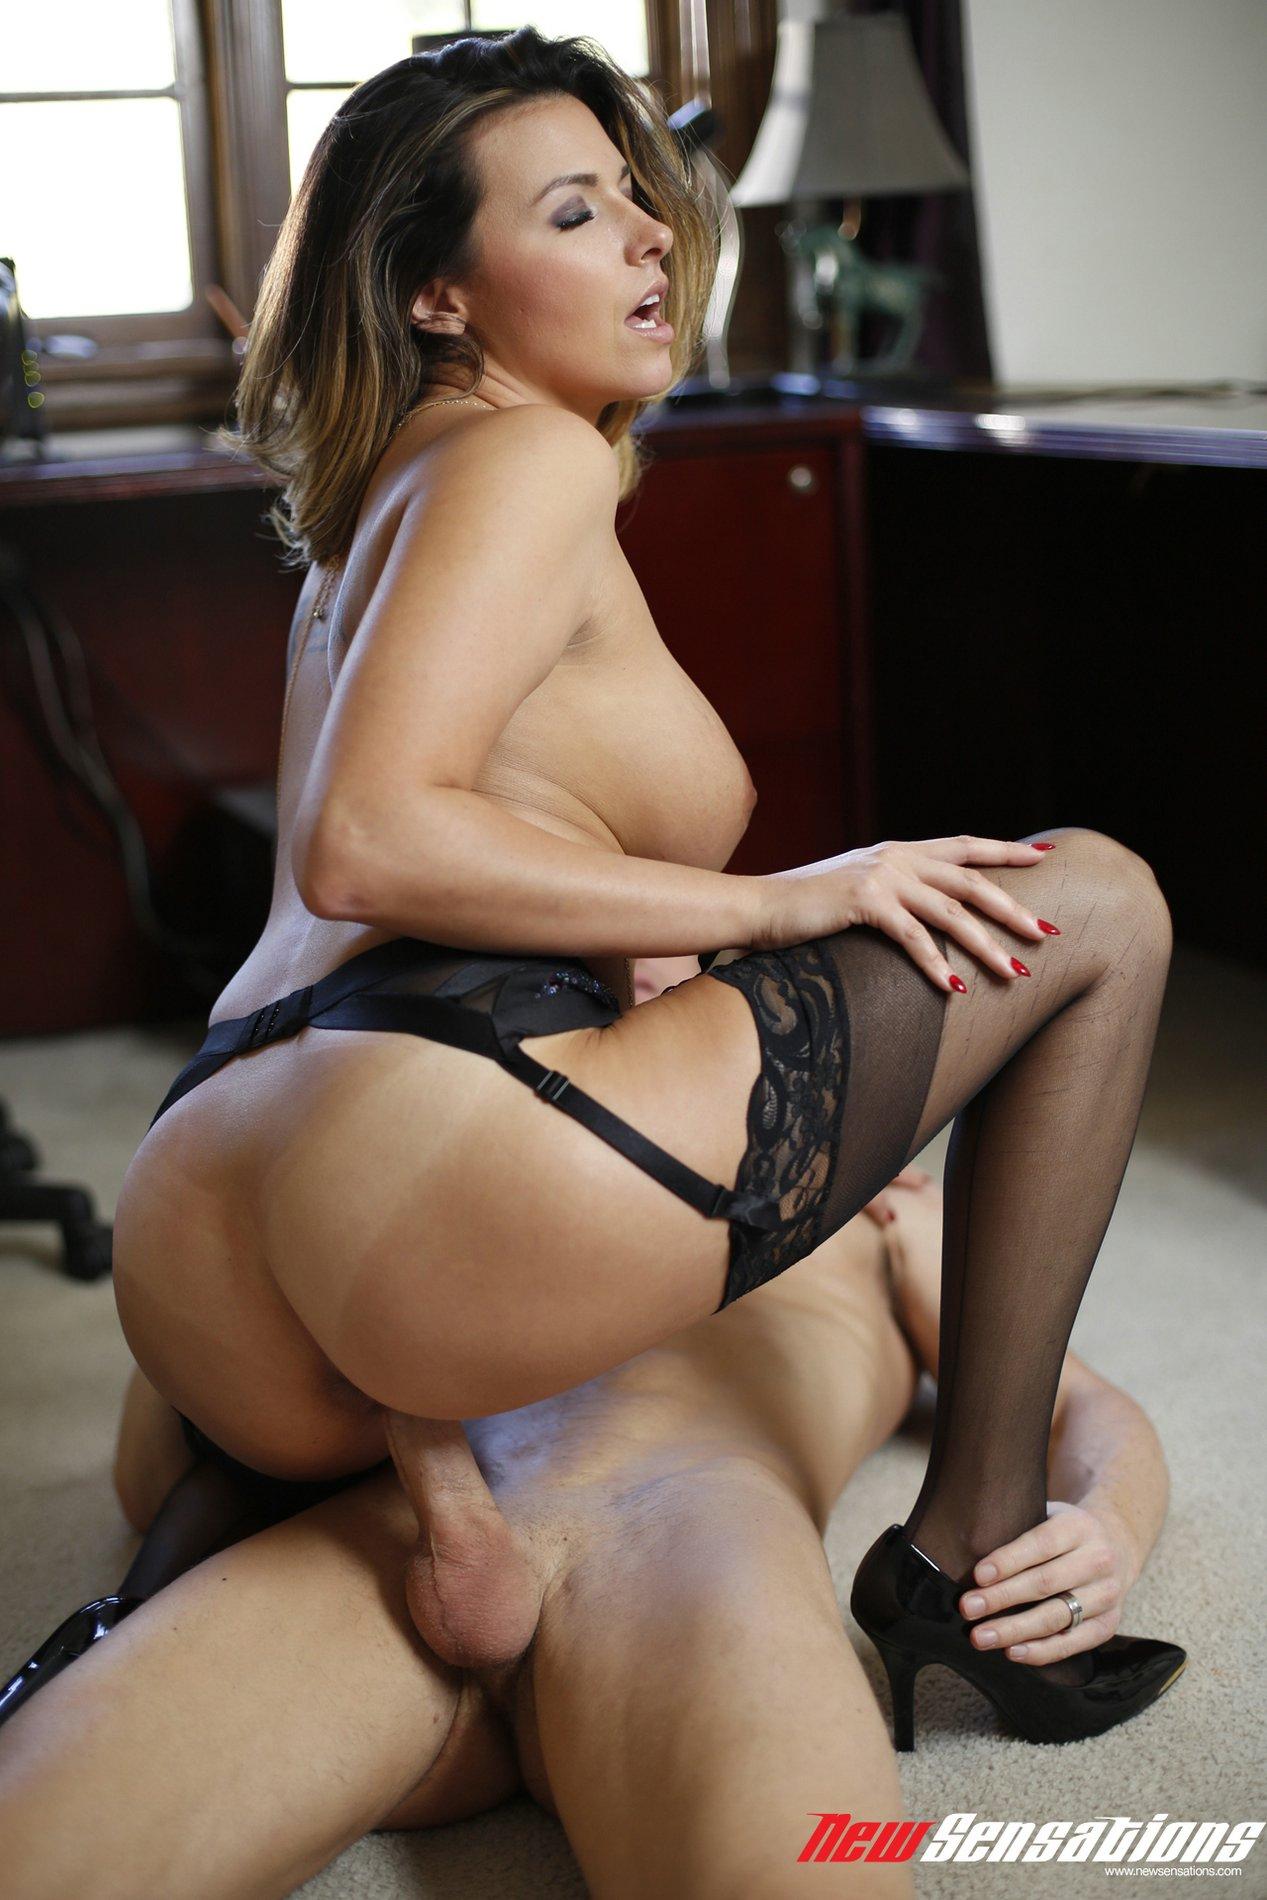 Danica dillon porn